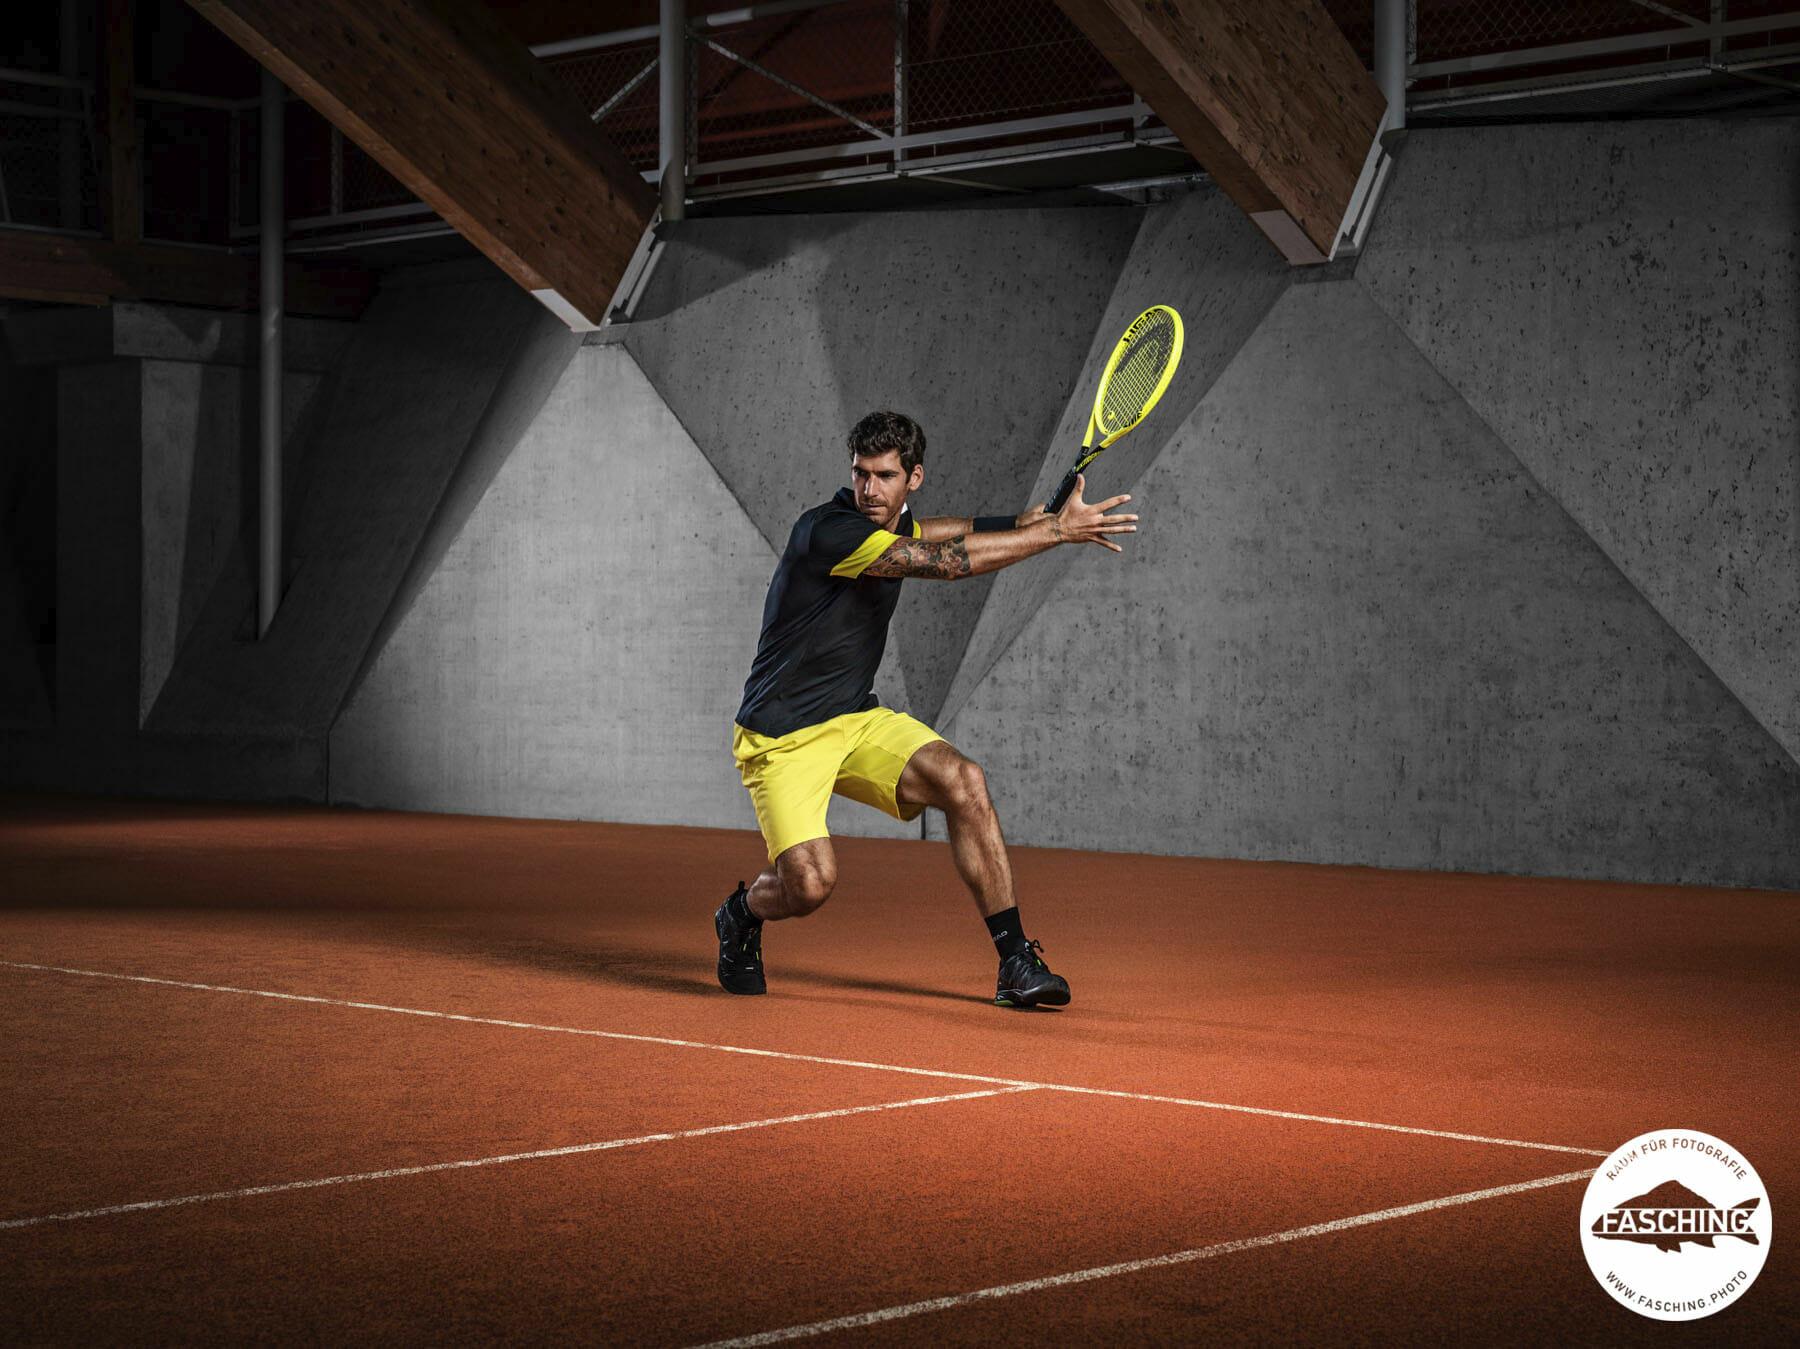 Actionbilder vom Tennisprofi Fotografie von Studio Fasching